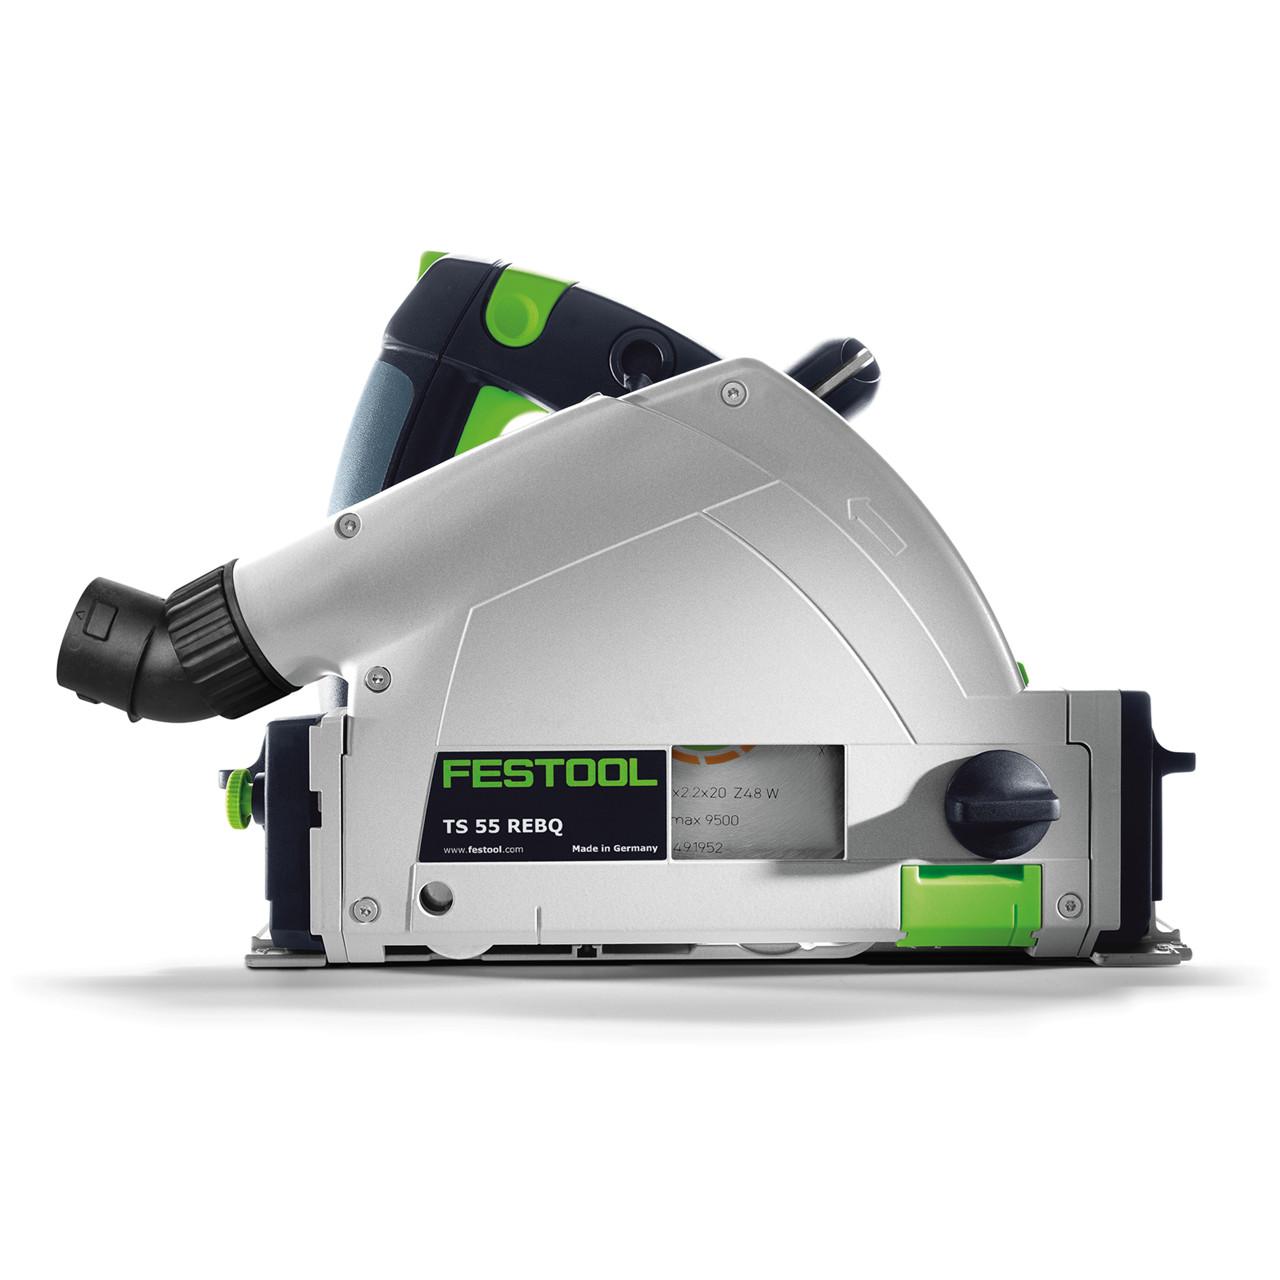 Festool 561580 Tauchsäge TS 55 REBQ-Plus-FS